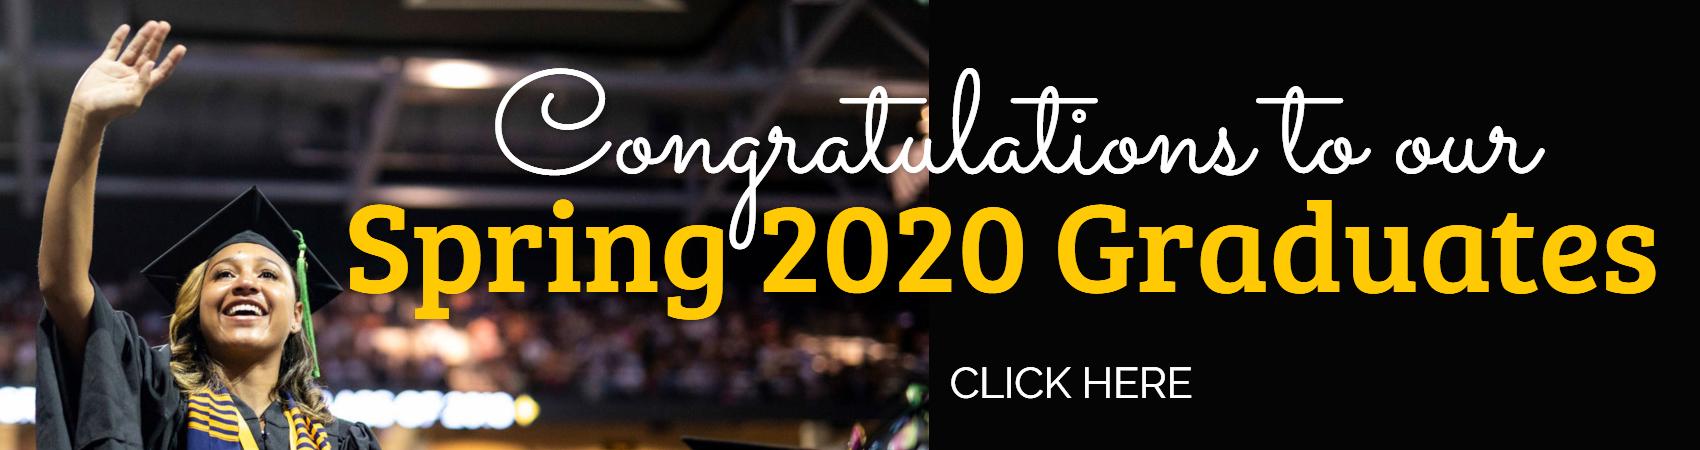 Congratulations to our Spring 2020 graduates!